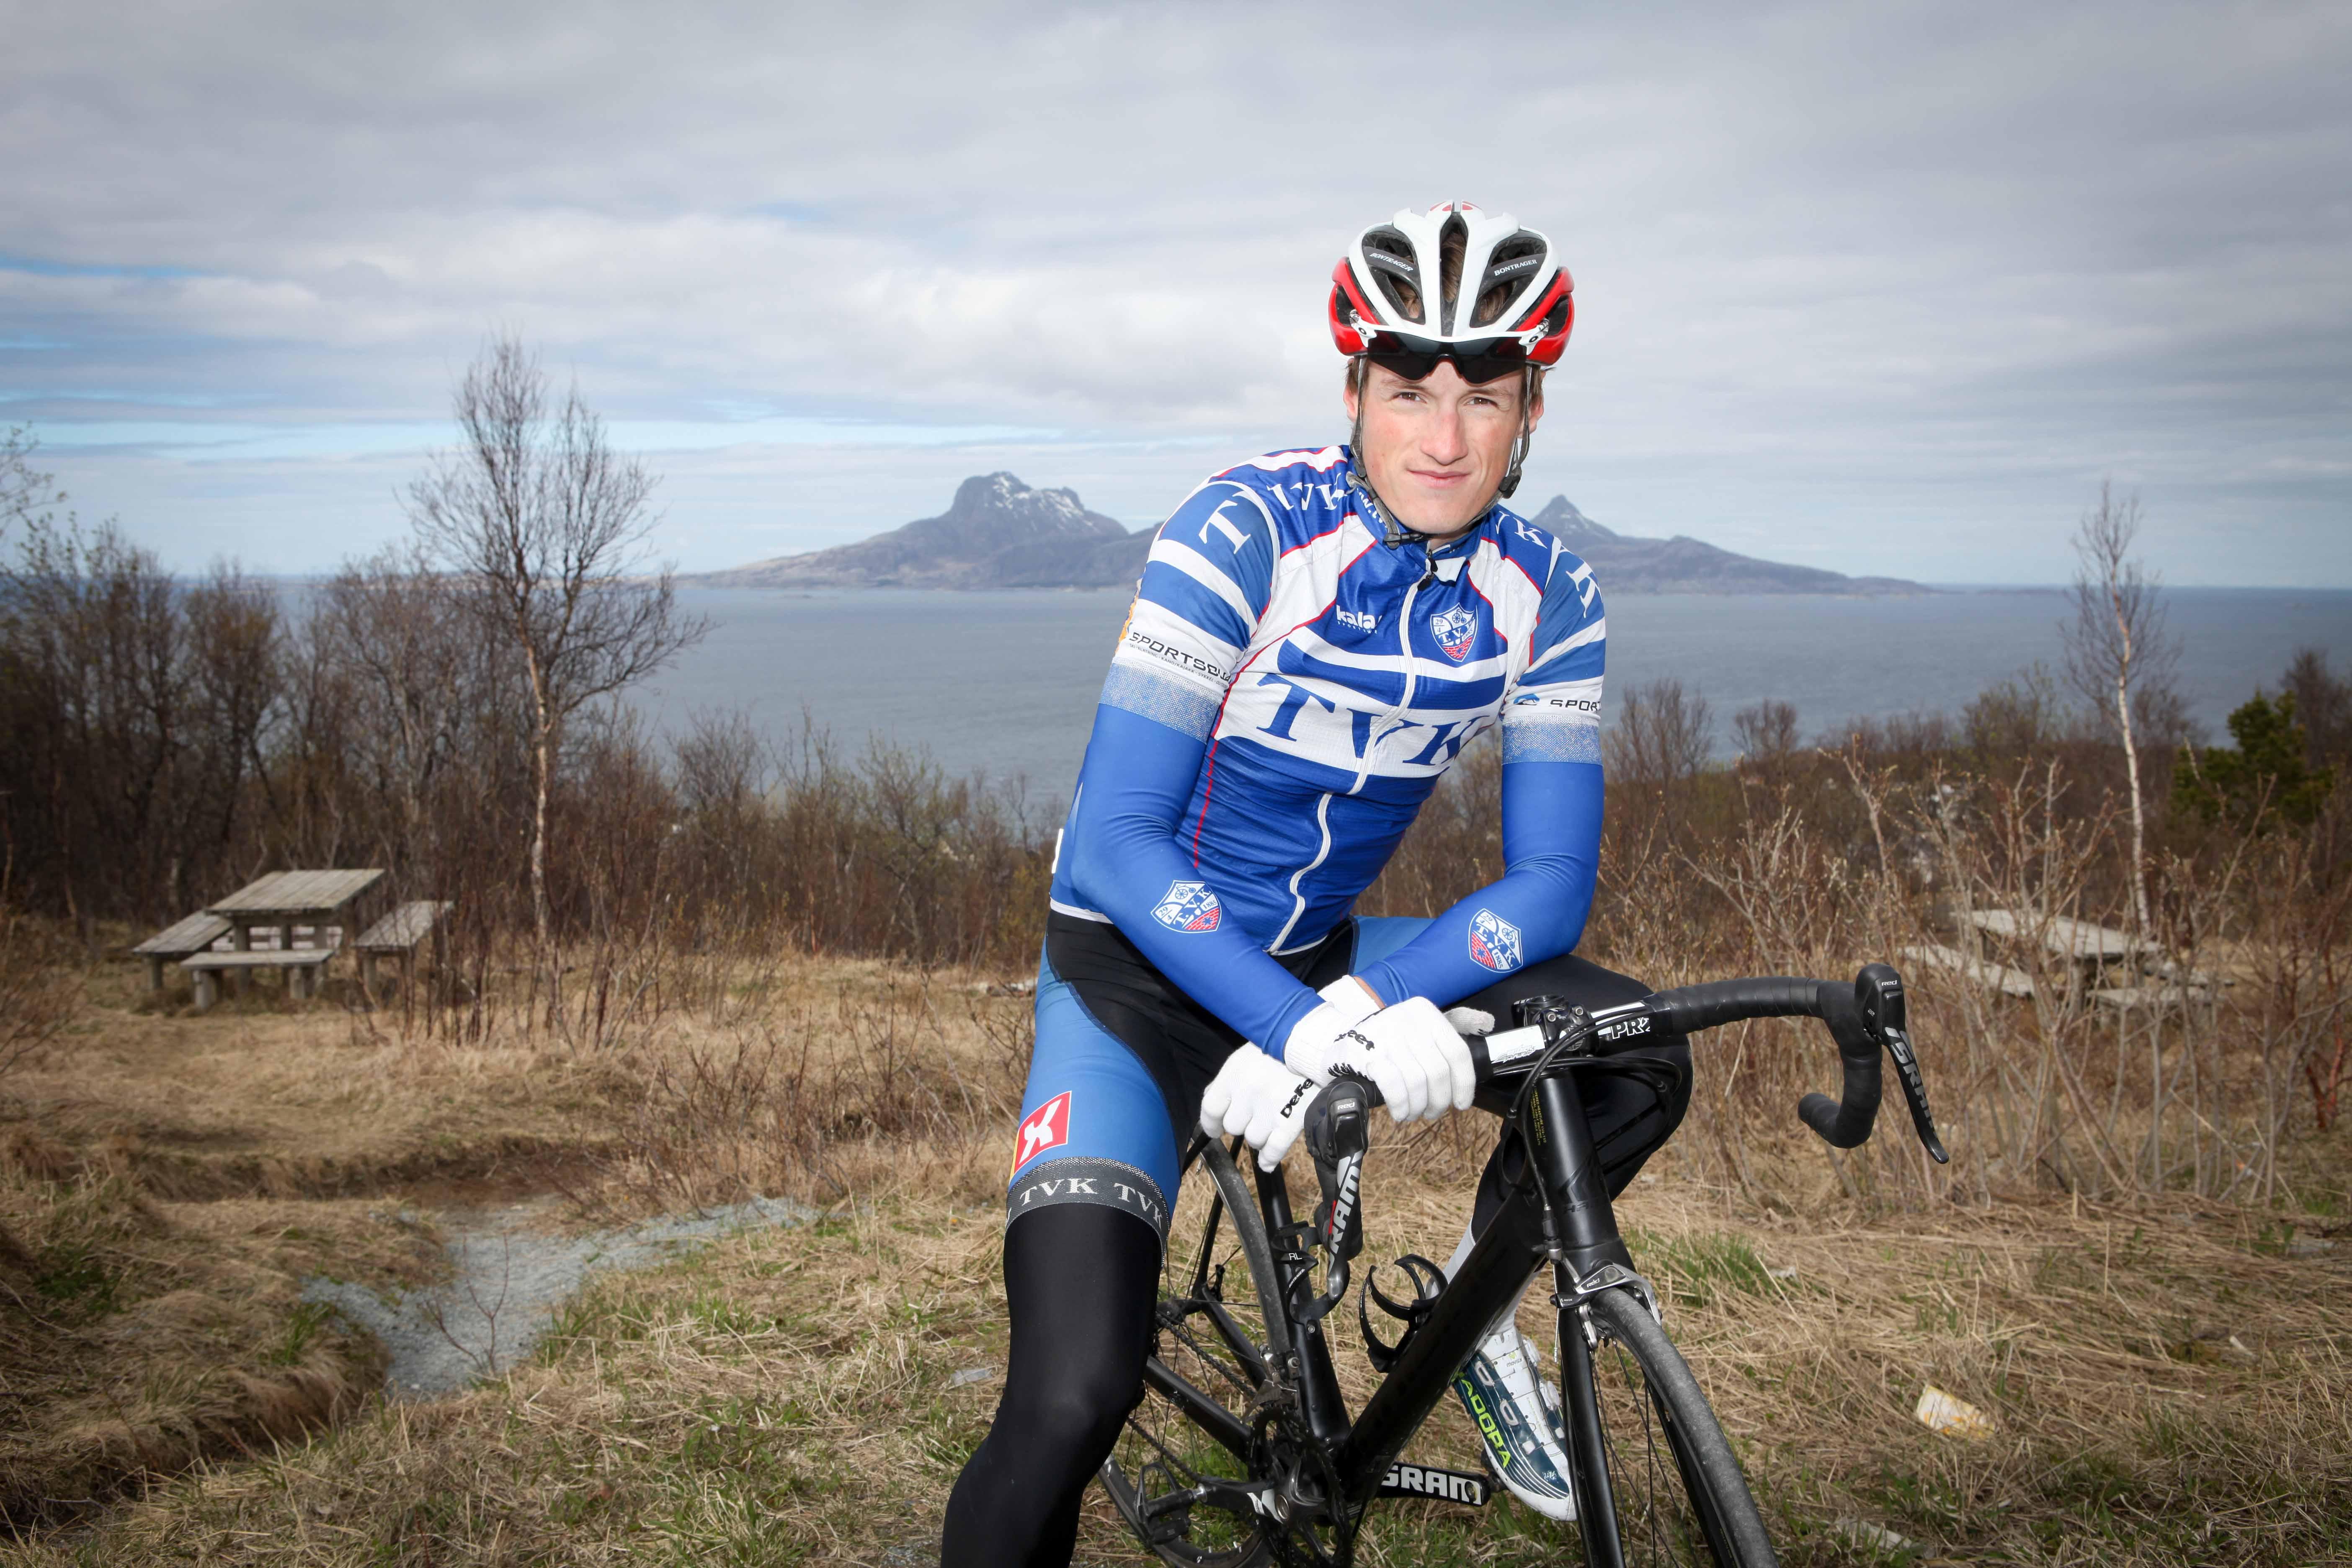 """TVK-talent: Andreas Sandnes Olsen viste seg tidlig frem i TVK-drakten. Tidlig 2015 gikk han ut og """"lovet"""" kontrakt med et kontinentallag. Slik ble det. Foto: Kjetil R. Anda / Sykkelmagasinet"""